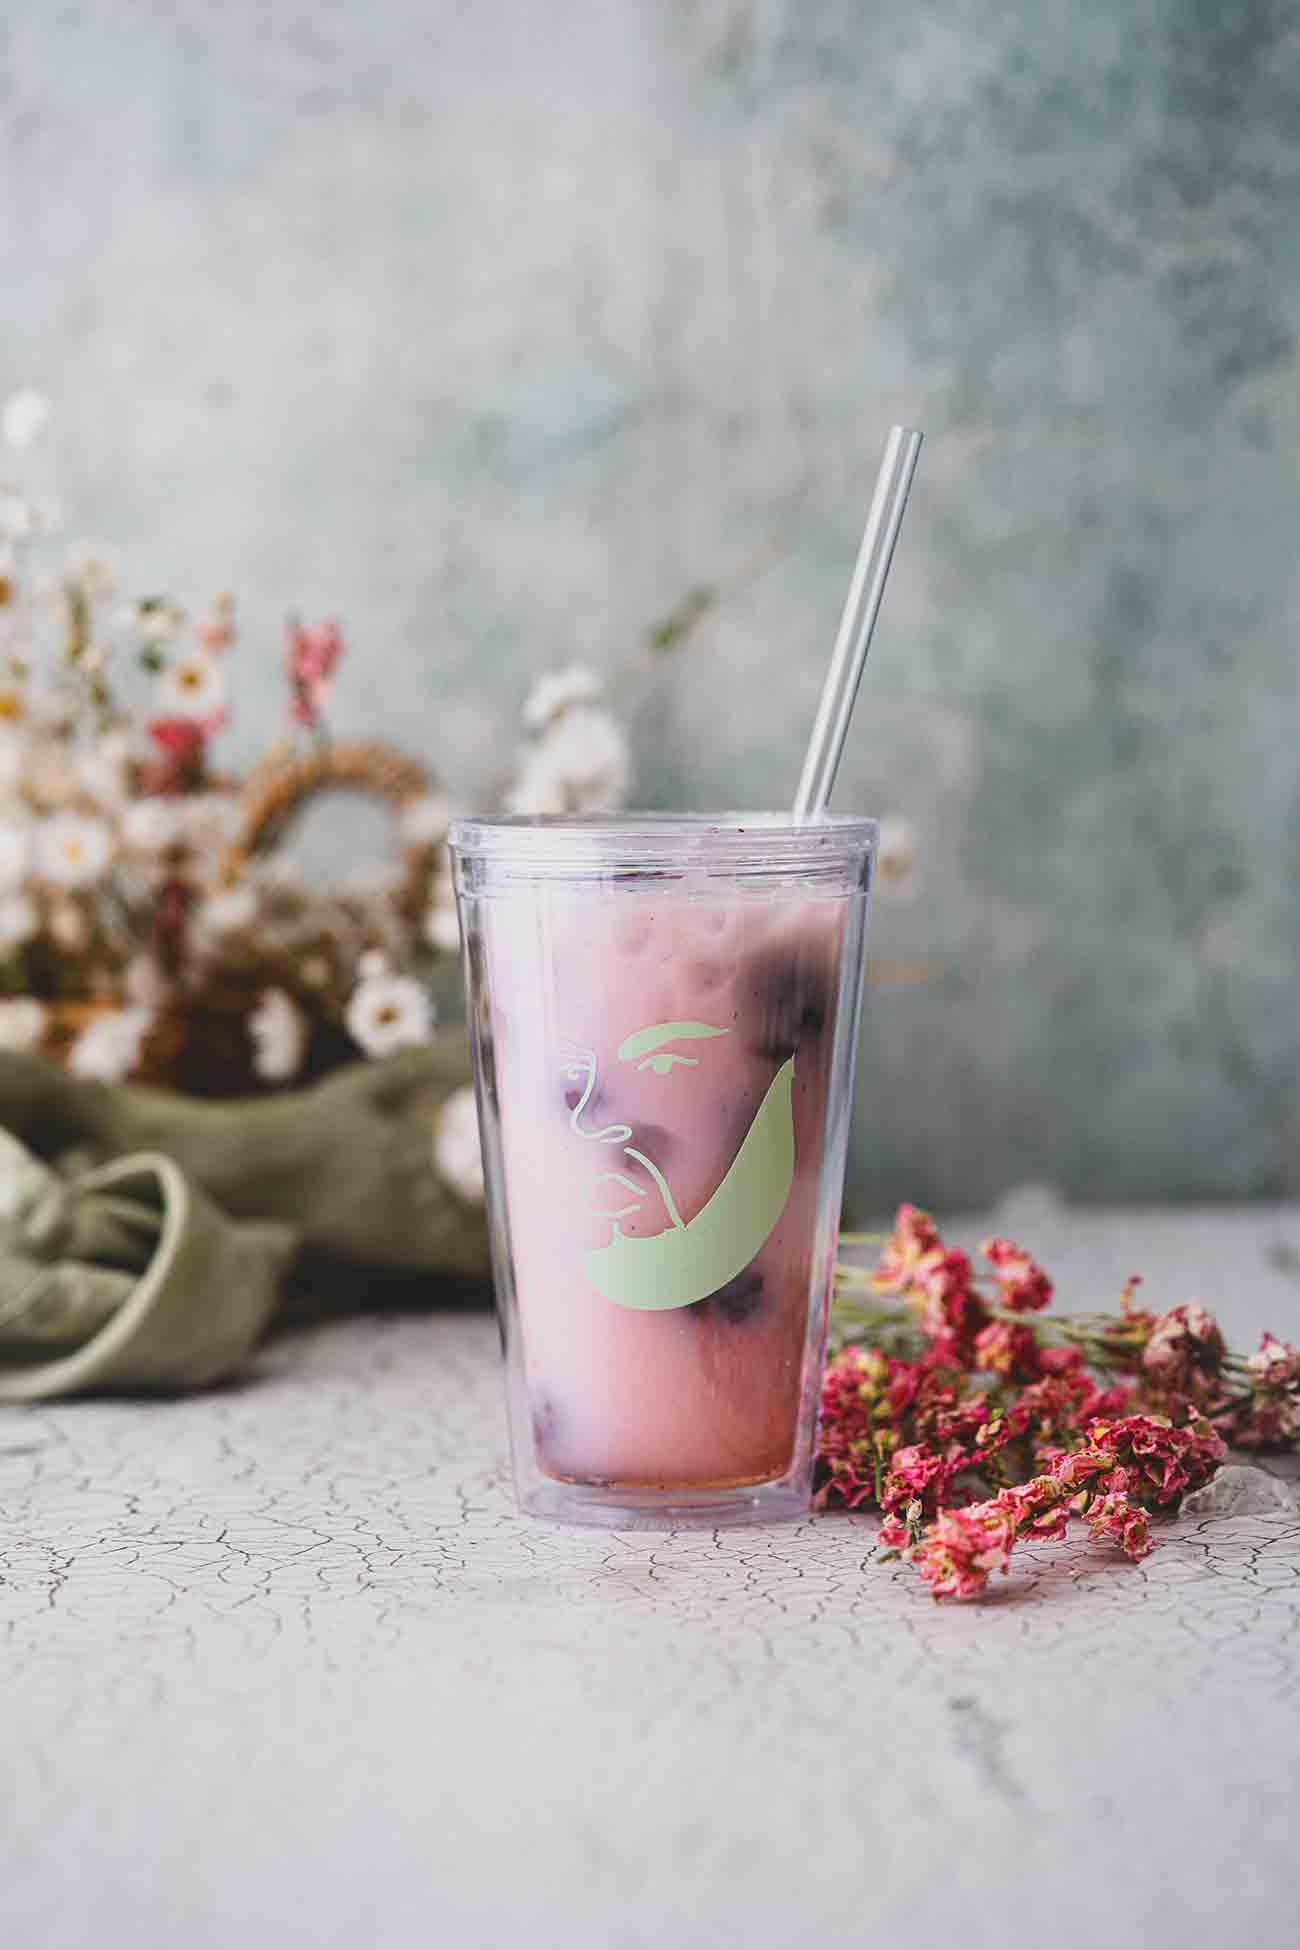 Er ist einfach überall, der Pink Drink. Auch wenn ich kein Starbucks-Fan bin, mag ich deren kalte Drinks. So gern, dass ich sie mir am liebsten selber mache, denn selbstgemacht schmeckt es einfach besser. Du brauchst nur wenige Zutaten und schonst deinen Geldbeutel.  Meine Version findest du auf dem Blog.   Die Zubereitung des Pink Drinks ist nun wirklich sehr einfach und mehr als 5 Zutaten benötigst du nicht. Auch wenn die meisten ihn mit gefrorenen Himbeeren und Hibiskustee machen, mag ich die Variante mit Brombeeren und Früchtetee noch viel lieber. Auch verwende ich frisch aufgebrühten Kaffee, der direkt nach seiner Brühzeit in den Becher kommt. Das Eis kühlt ihn schnell runter und du hast nicht noch den Industriezucker, der in den fertigen Tees enthalten ist.